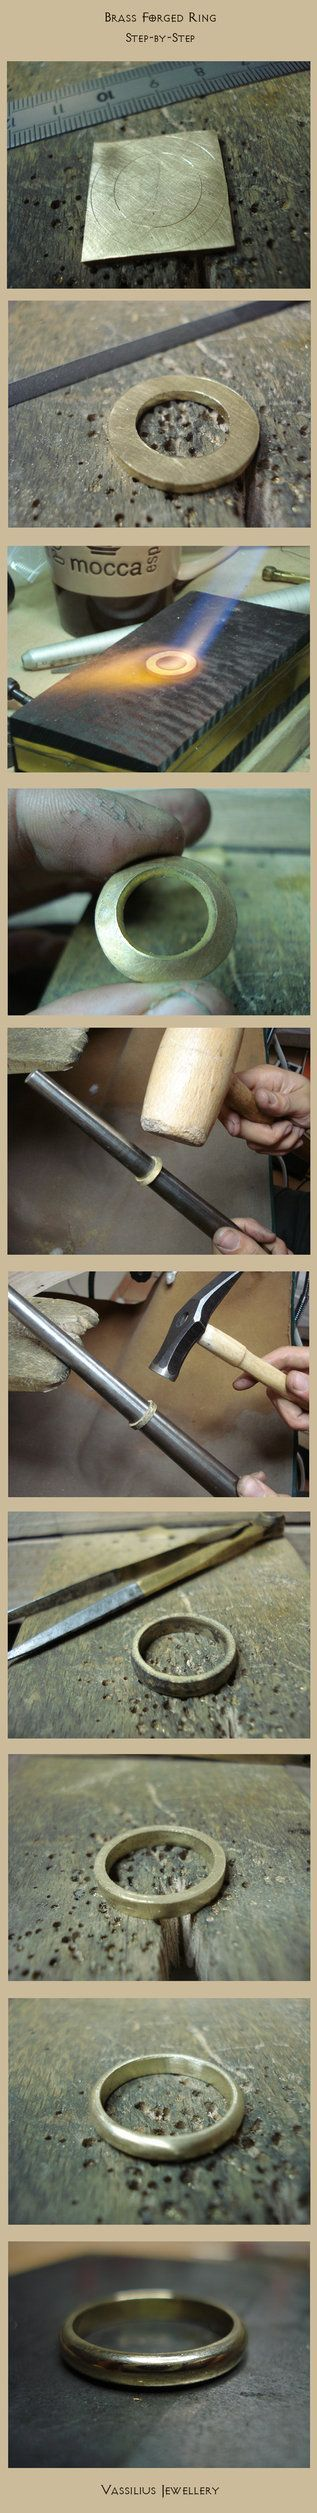 su una lastra di spessore a scelta (2mm è un'ottima misura) :  - disegnare - tagliare - ricuocere - imbutire - allargare la parte centrale - limare/arrotondare i bordi - levigare - lucidare